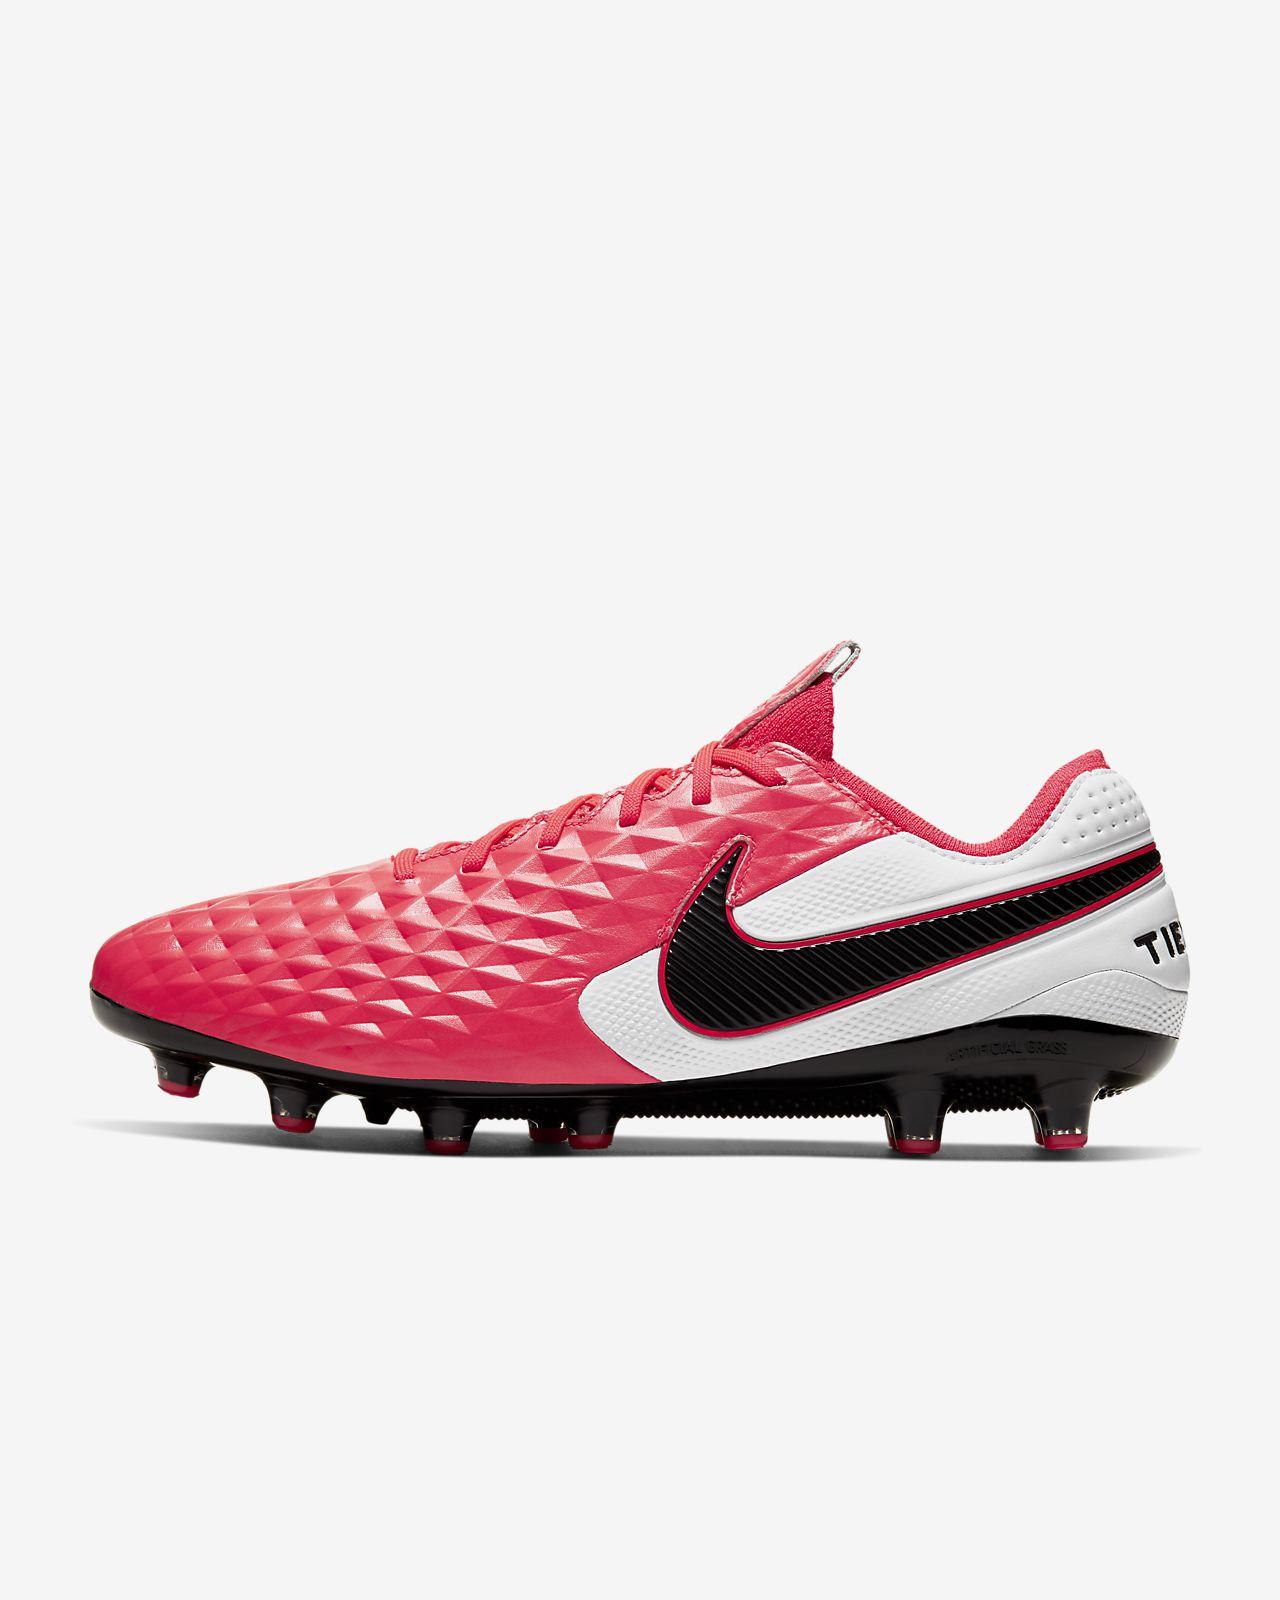 Футбольные бутсы для игры на искусственном газоне Nike Tiempo Legend 8 Elite AG-PRO